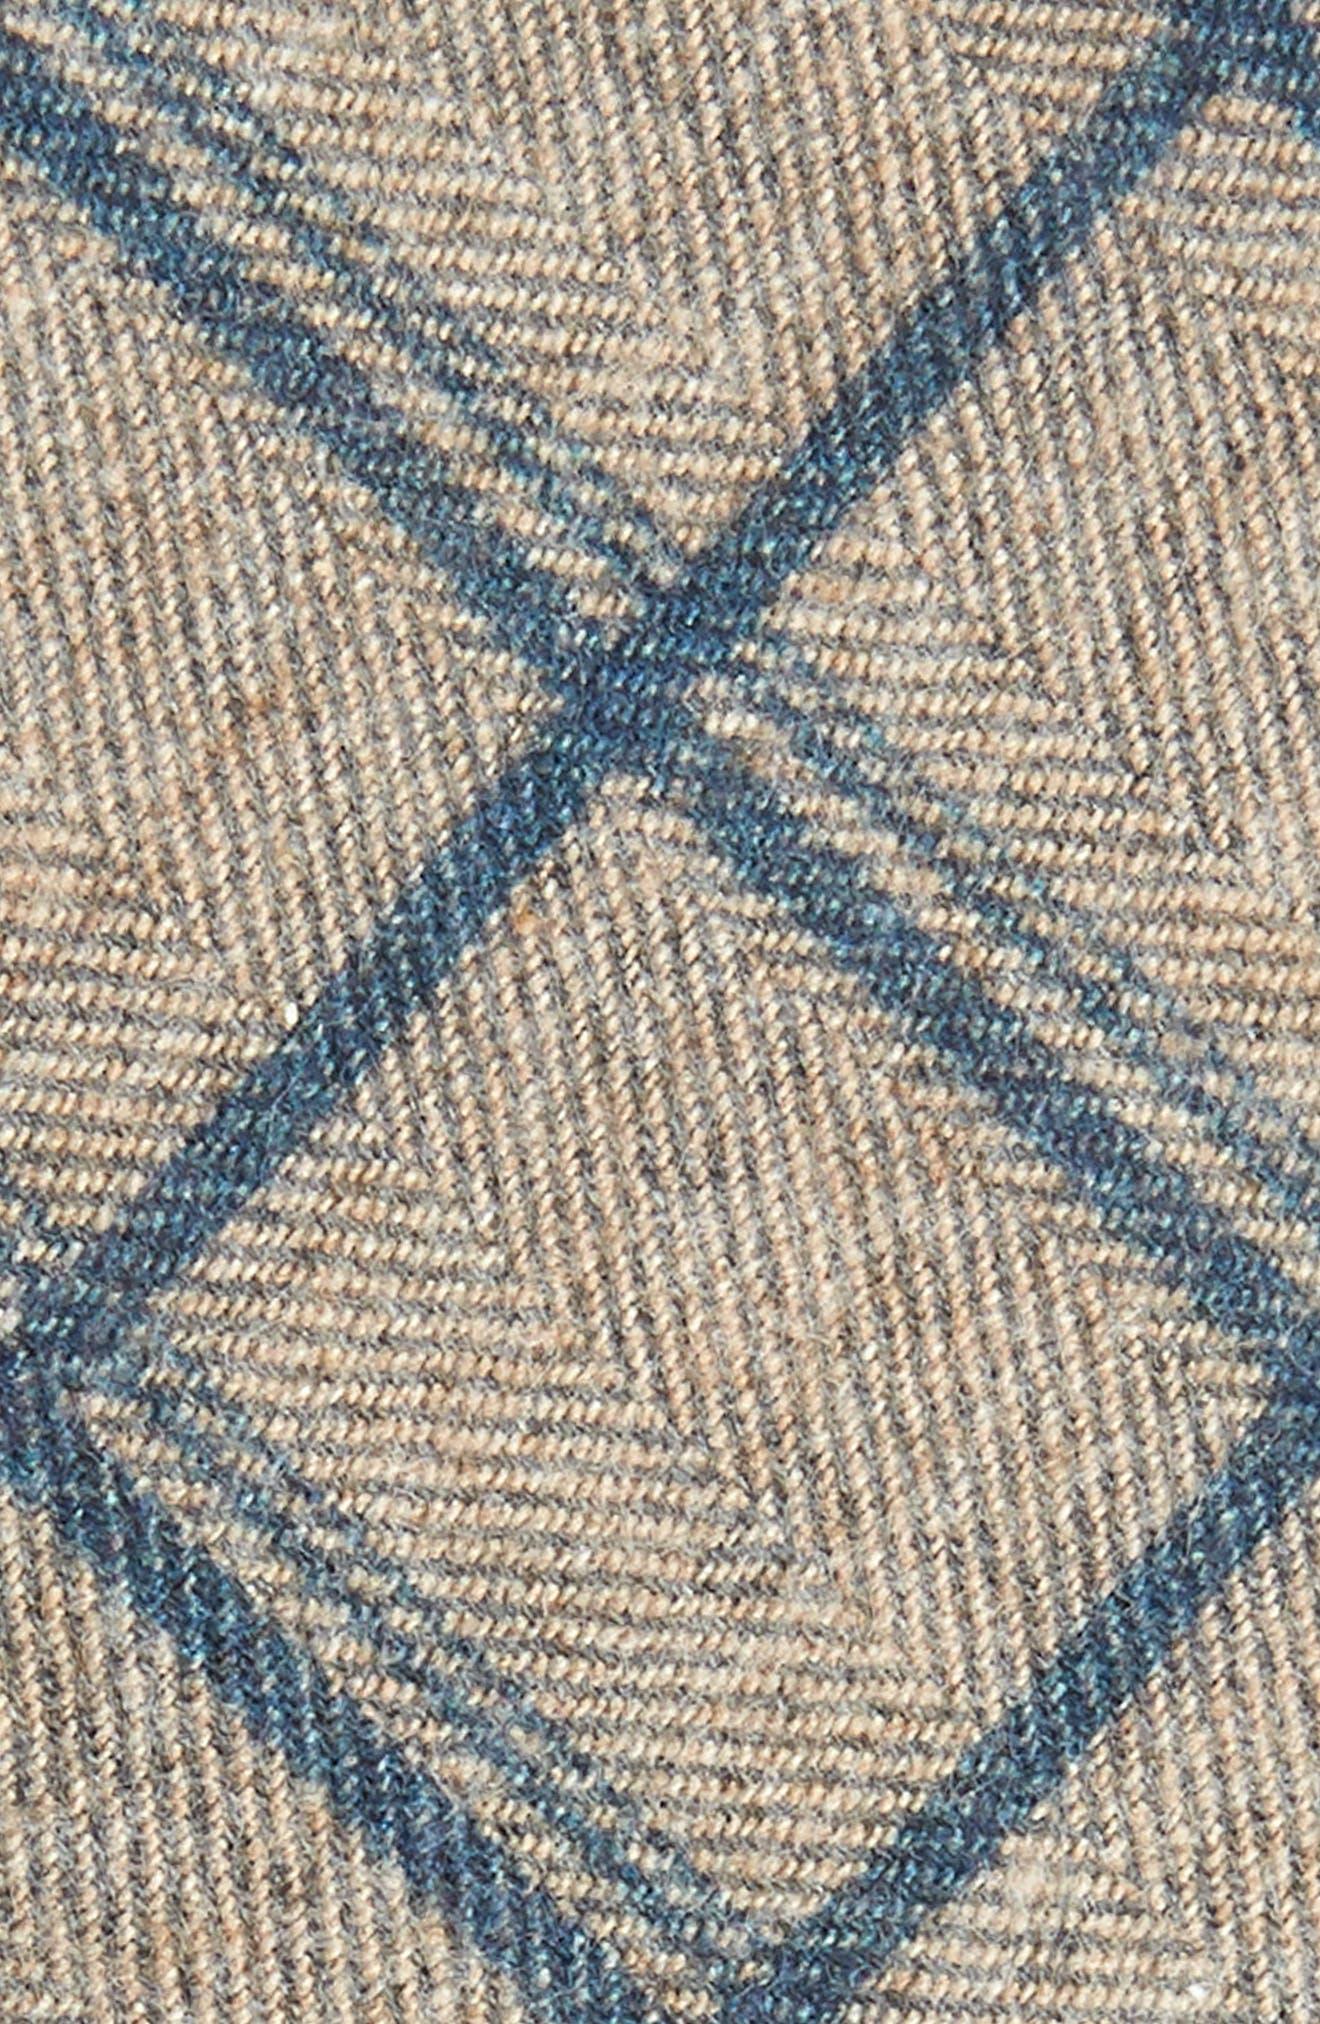 Plaid Cotton Tie,                             Alternate thumbnail 2, color,                             NAVY